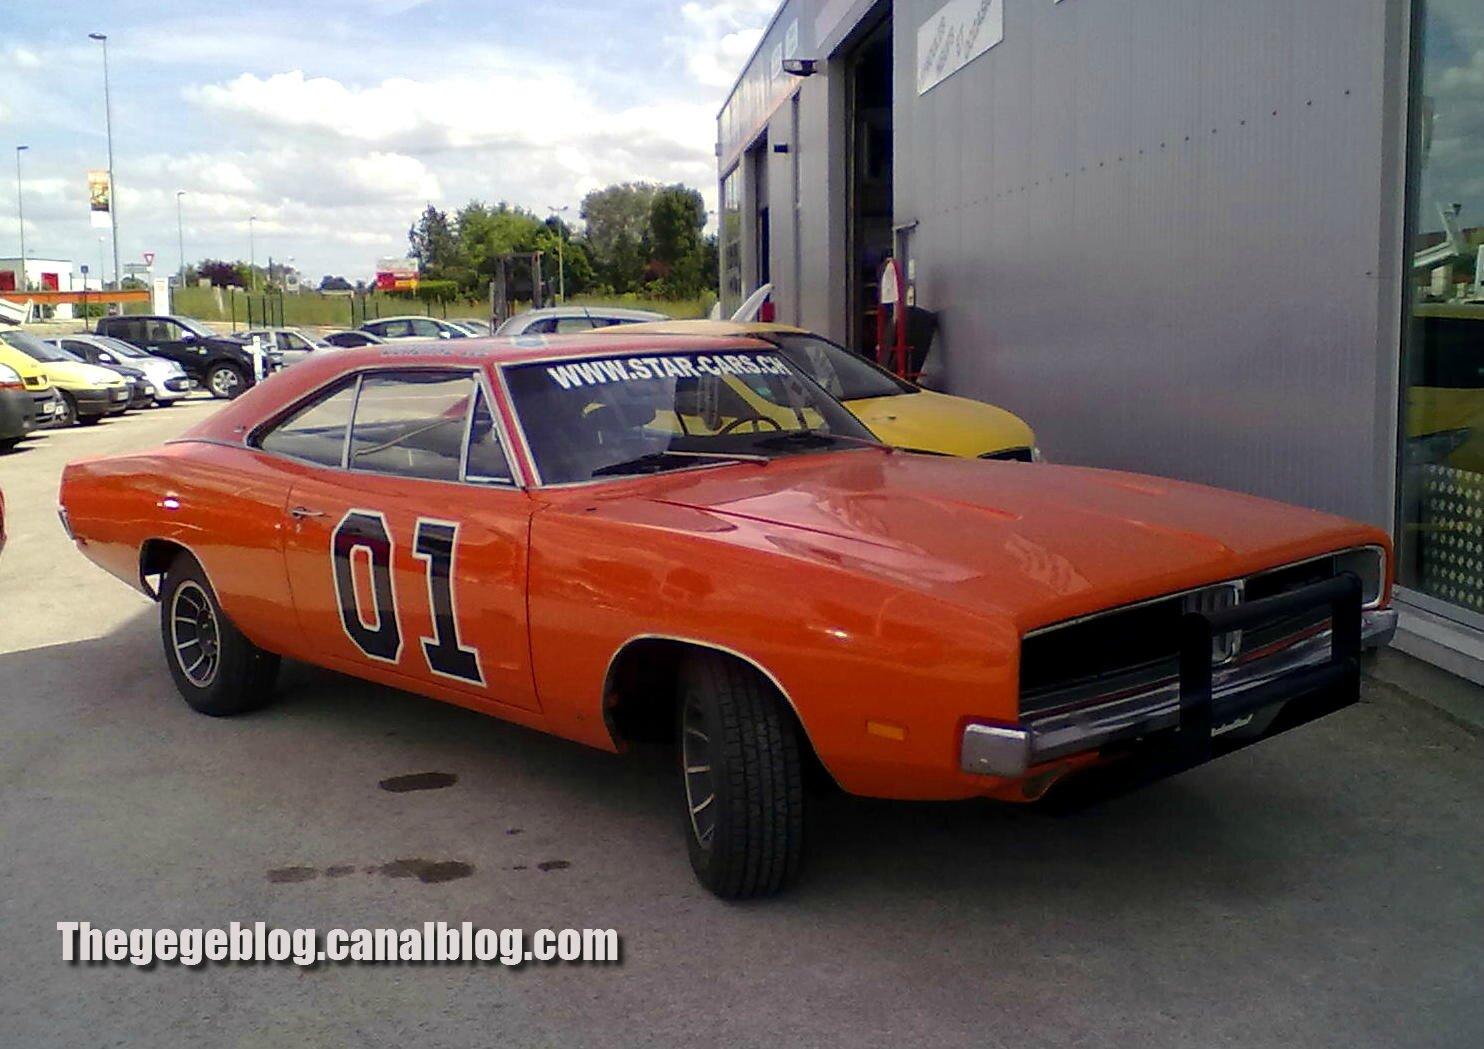 Dodge charger coupé special édition de 1969 general lee (Brienne le chateau) 01